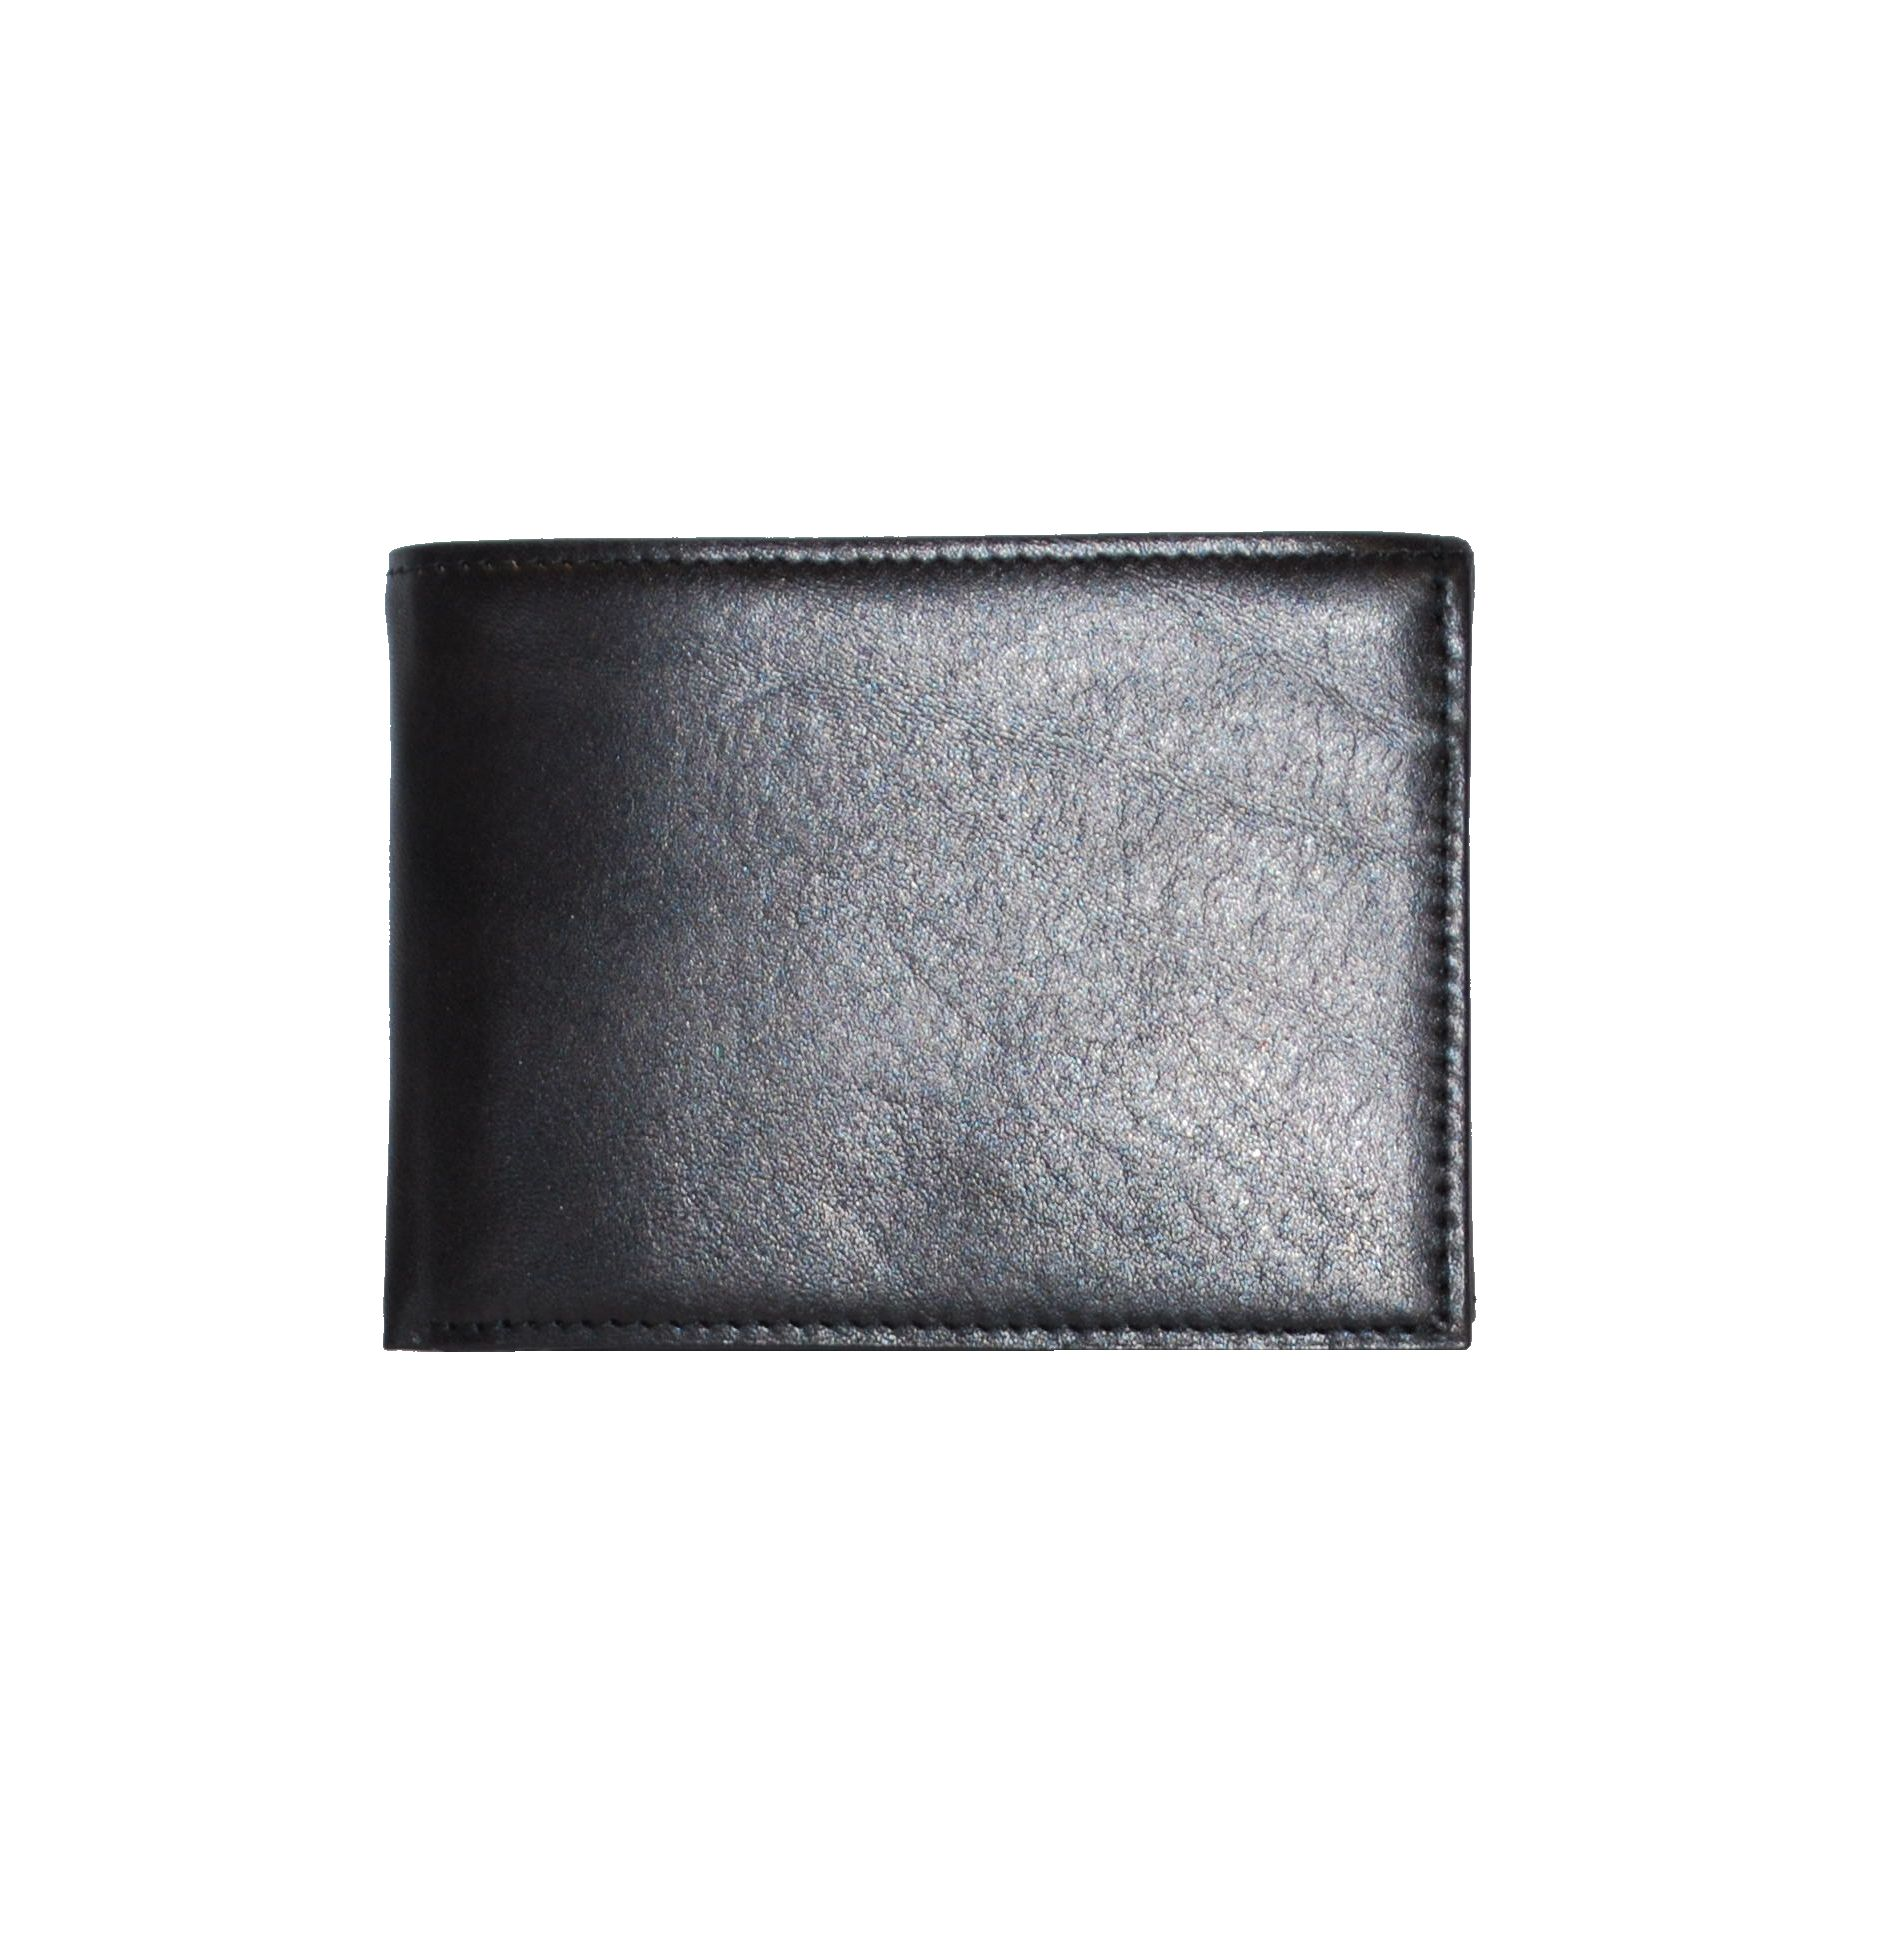 Luxusná moderná kožená peňaženka č.8553 v čiernej farbe  c974d83ed94